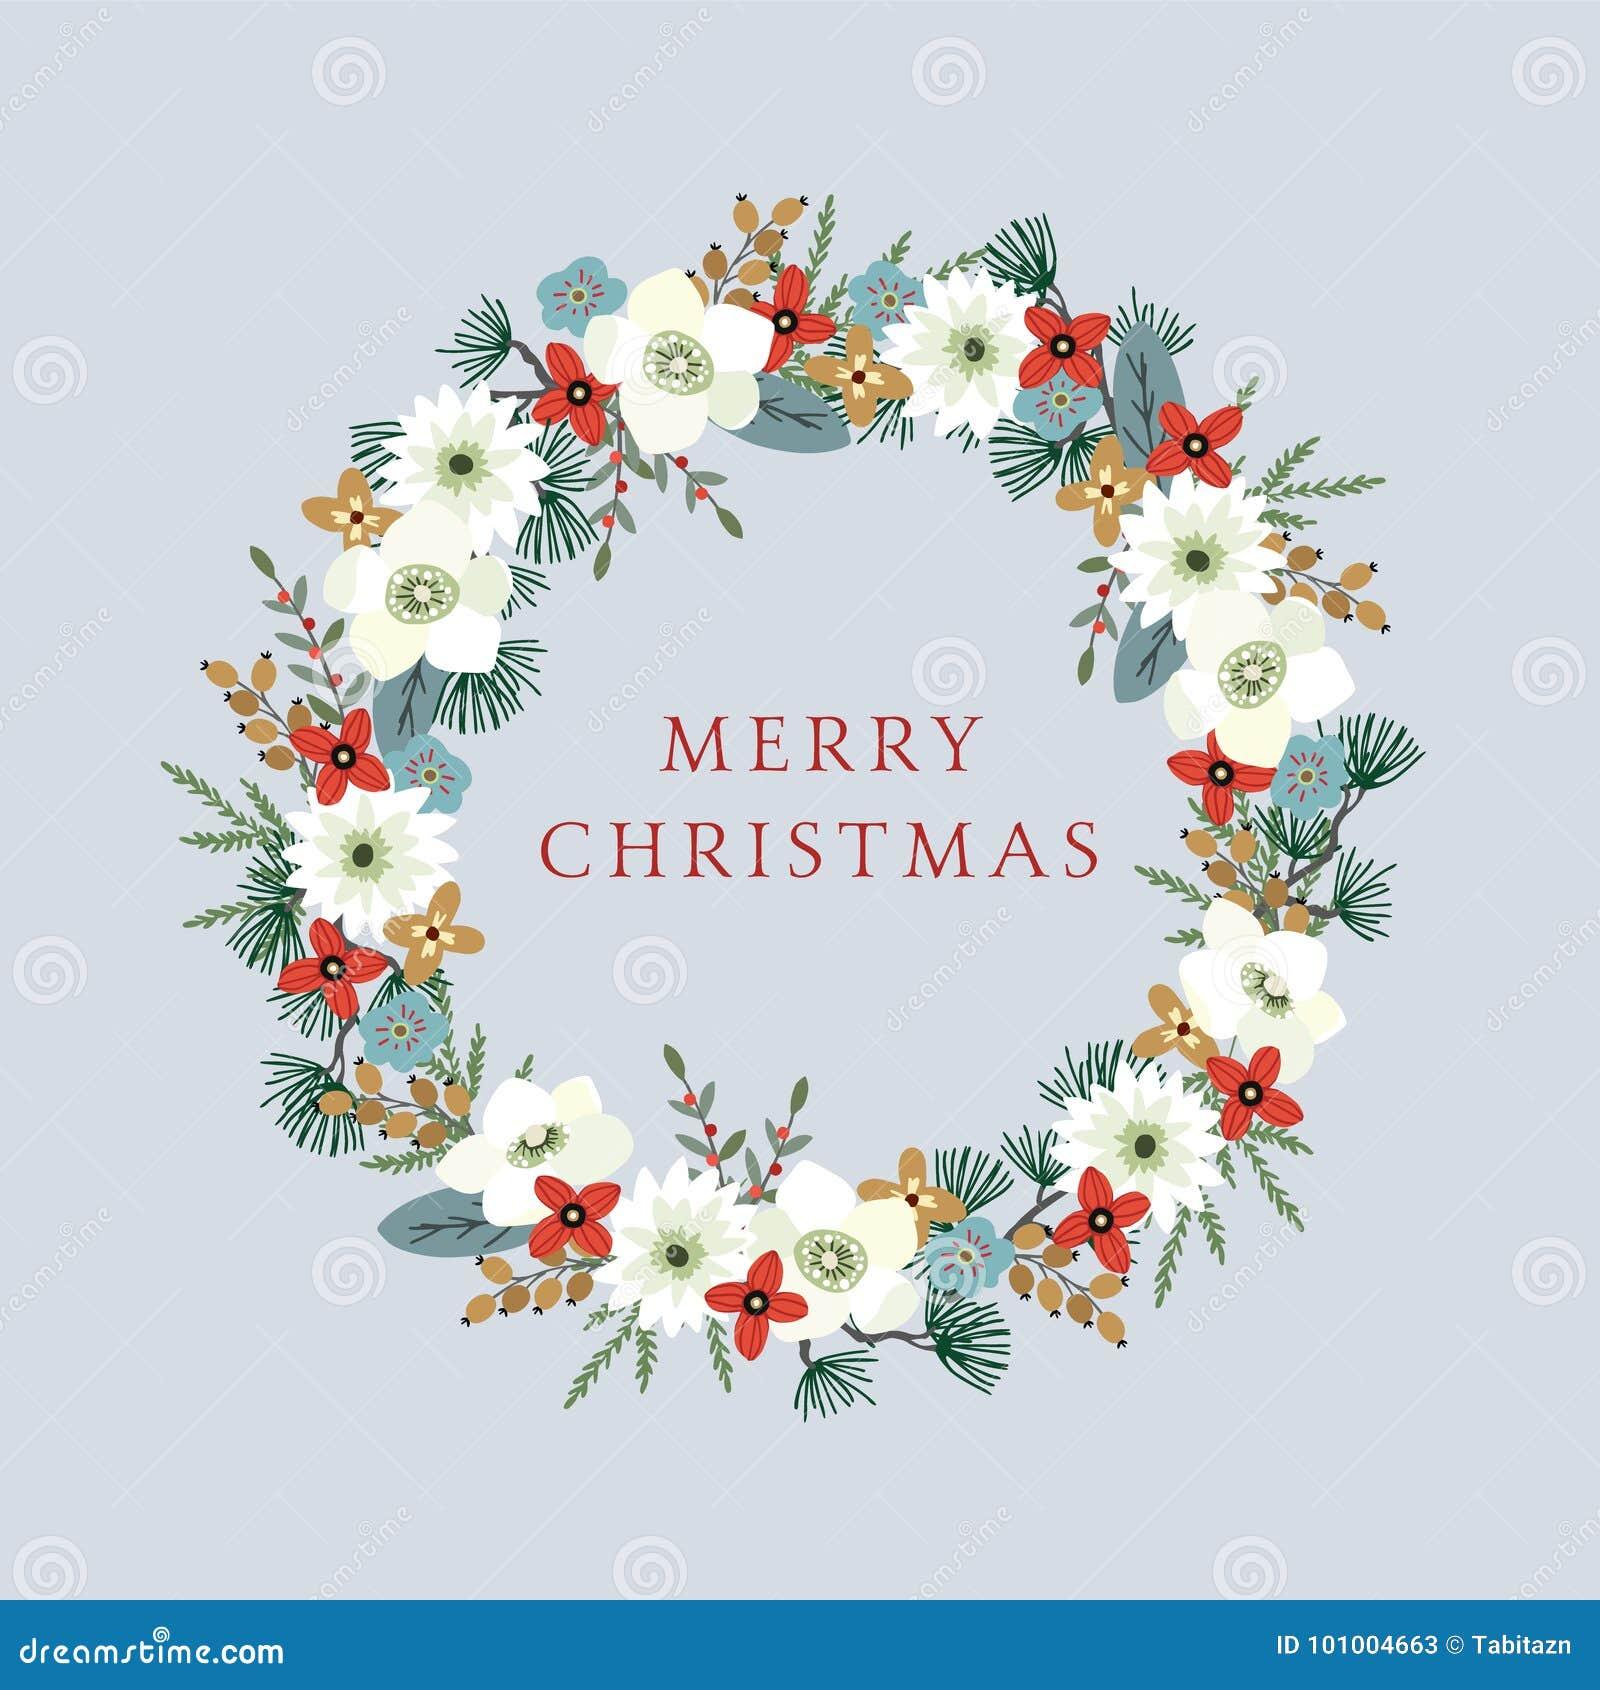 La Navidad del vintage, tarjeta de felicitación del Año Nuevo, invitación con el ejemplo de la guirnalda floral decorativa hecha